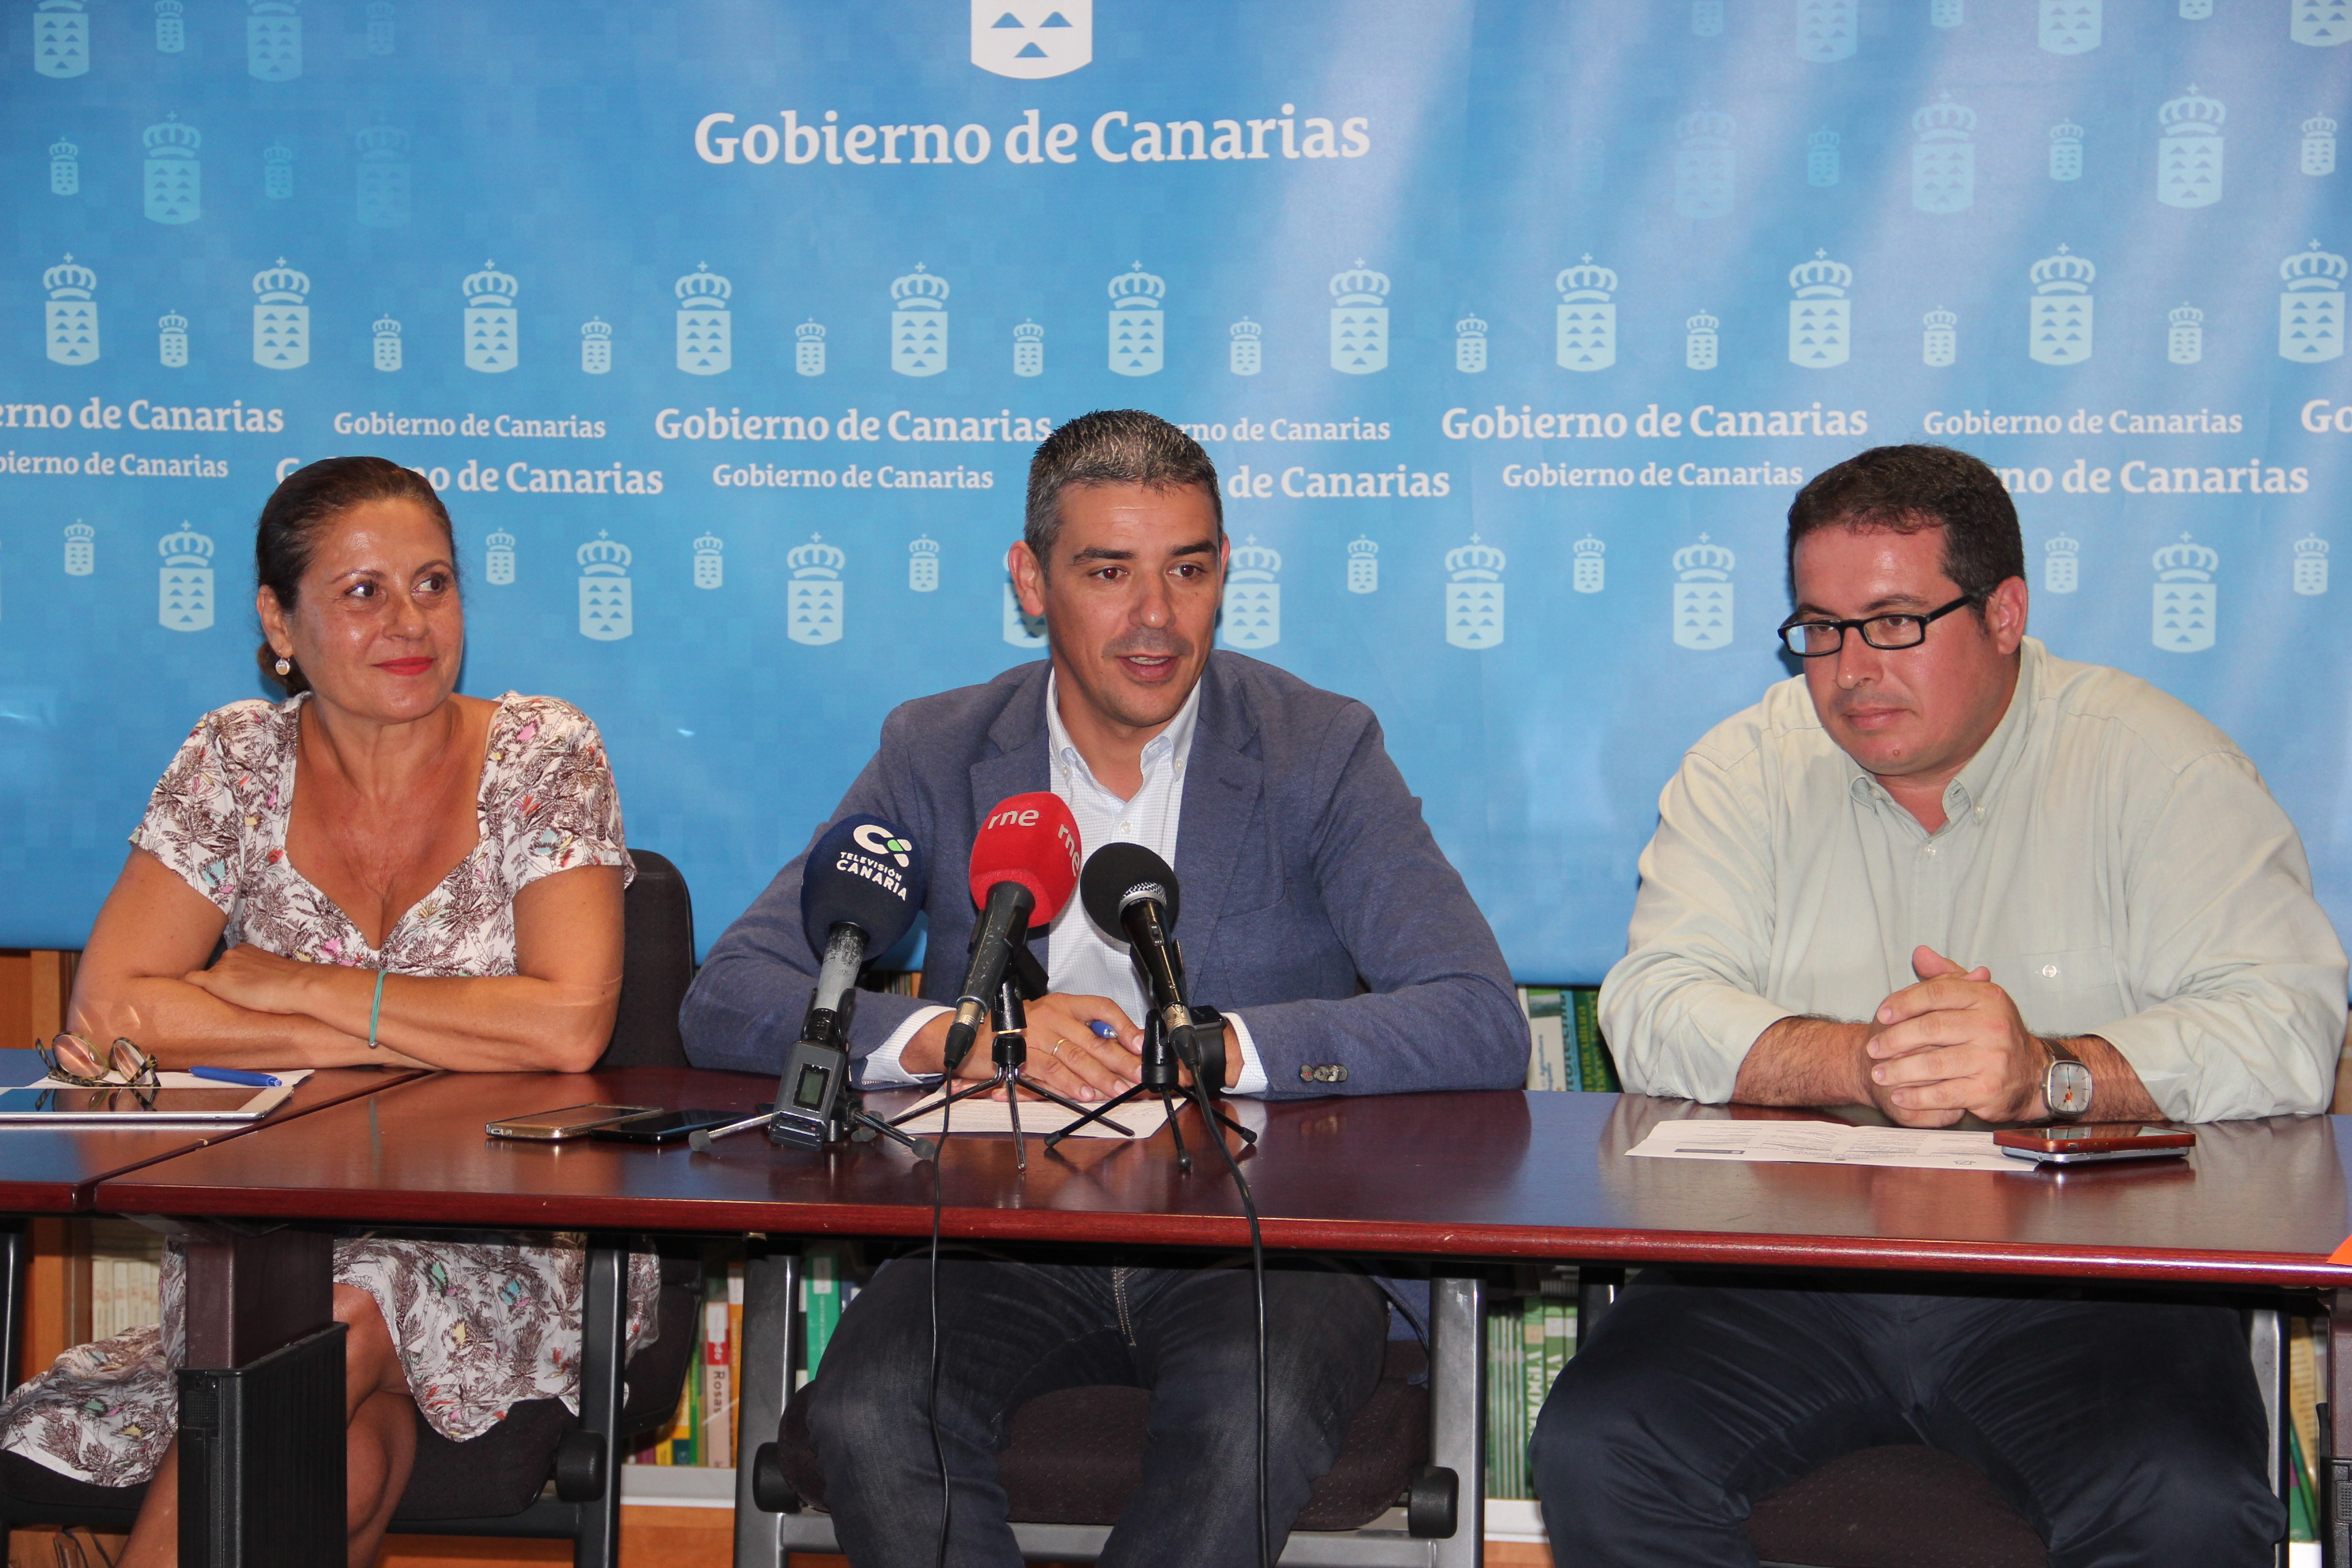 Claudina Morales, Narvay Qquintero y David de Vera